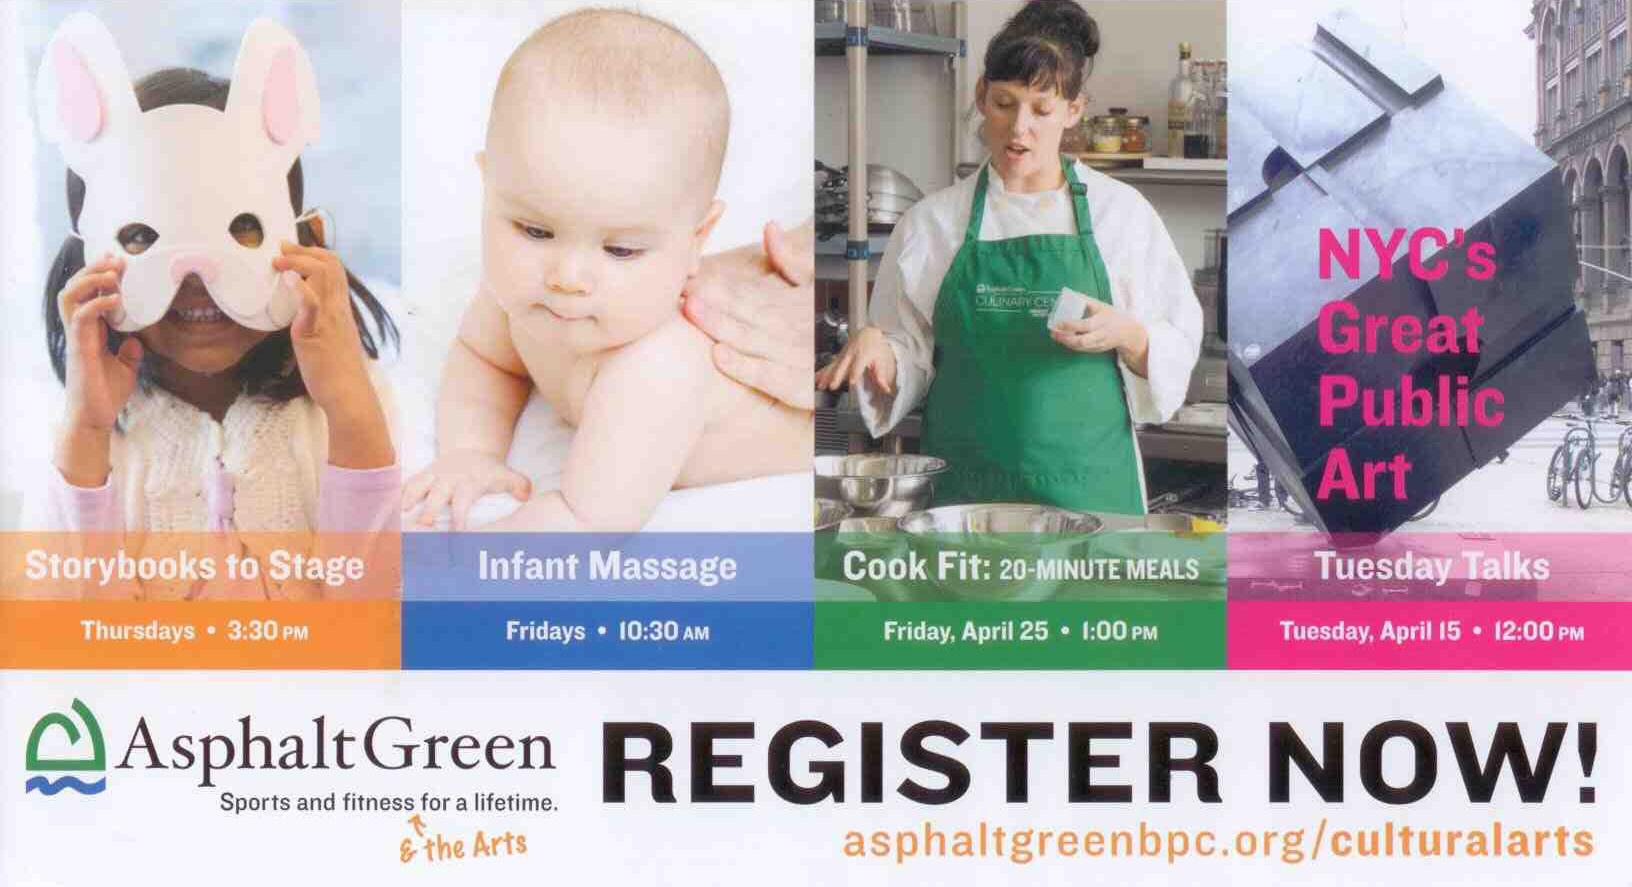 Asphalt Green cooking